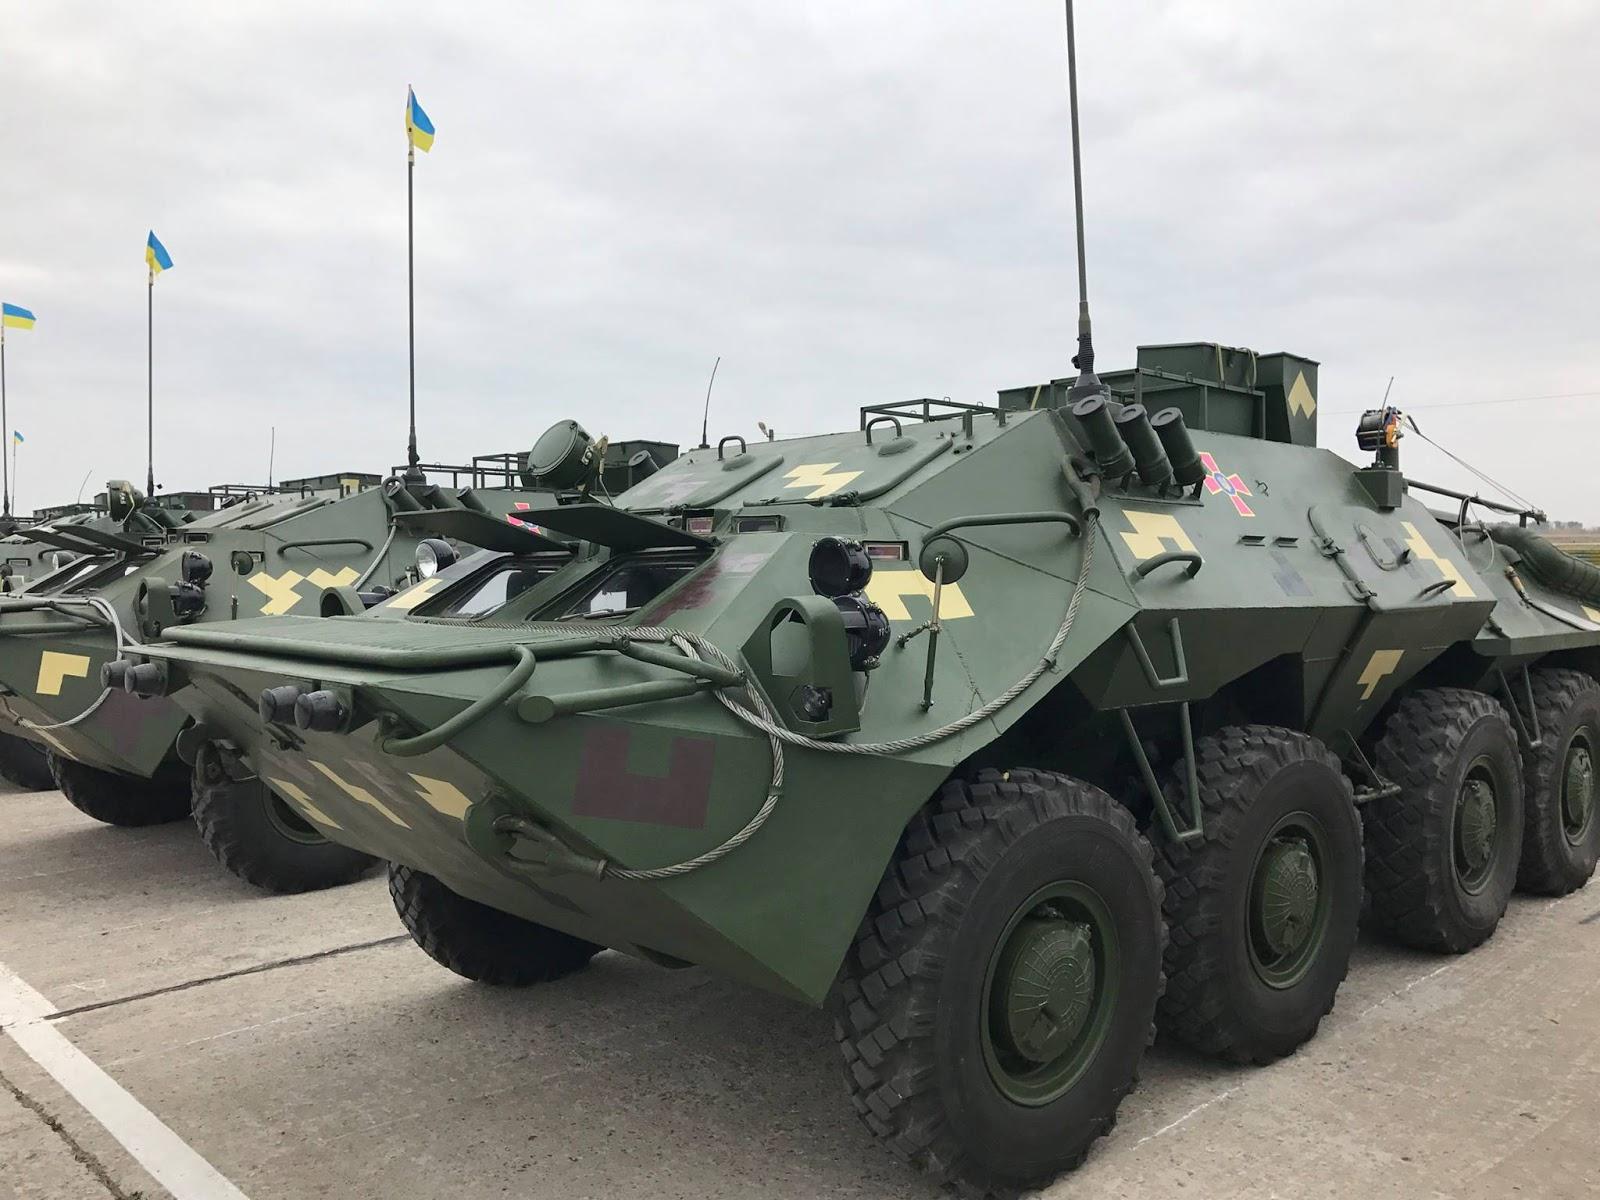 У 2016 році на озброєння ЗСУ прийнято 17 нових зразків ОВТ та 64 допущено до експлуатації